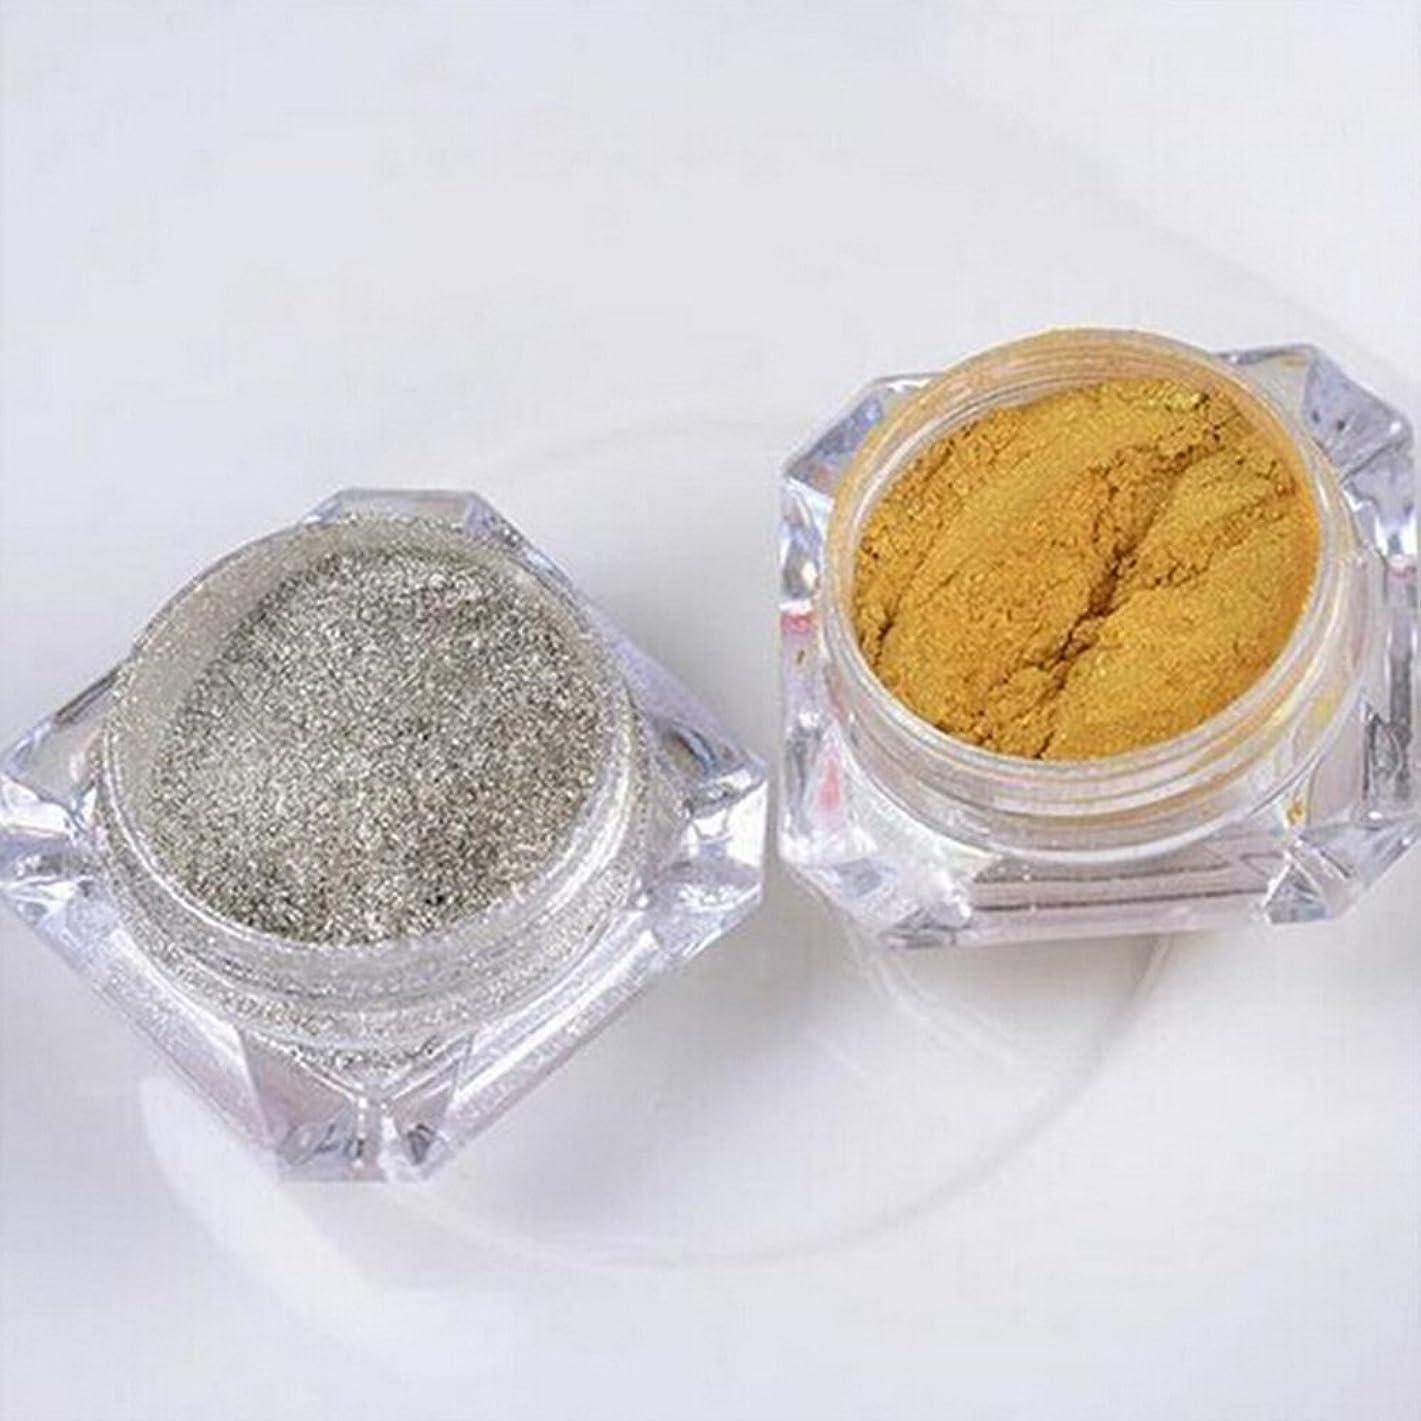 サージガム再編成するDoitsa フラッシュ ネイル用 パウダー ネイル 微分子 ラメグリッター スーパーフラッシュ スパンコール ゴールド シルバー 2色セット 各色3g入り